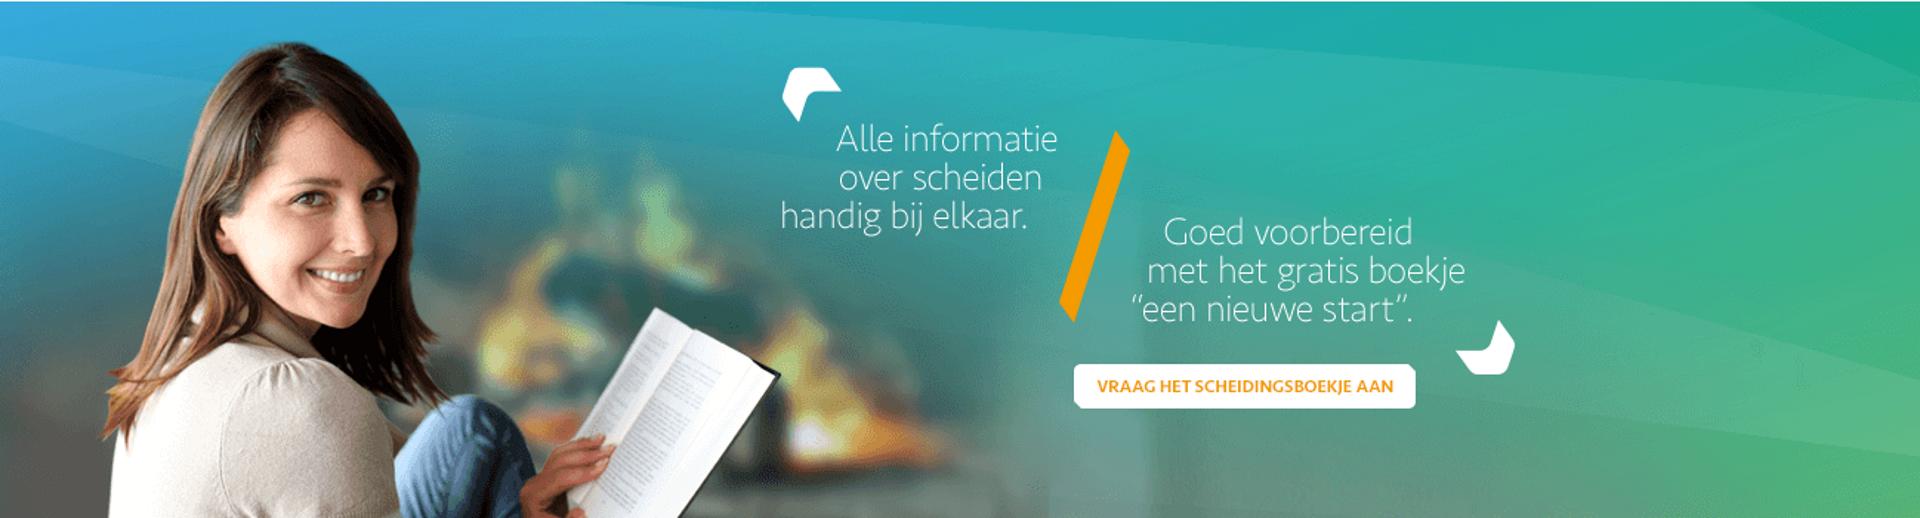 Vraag ons gratis scheidingsboekje aan - Scheidingsplanner Hilversum - Bilthoven - Soest - Het Gooi